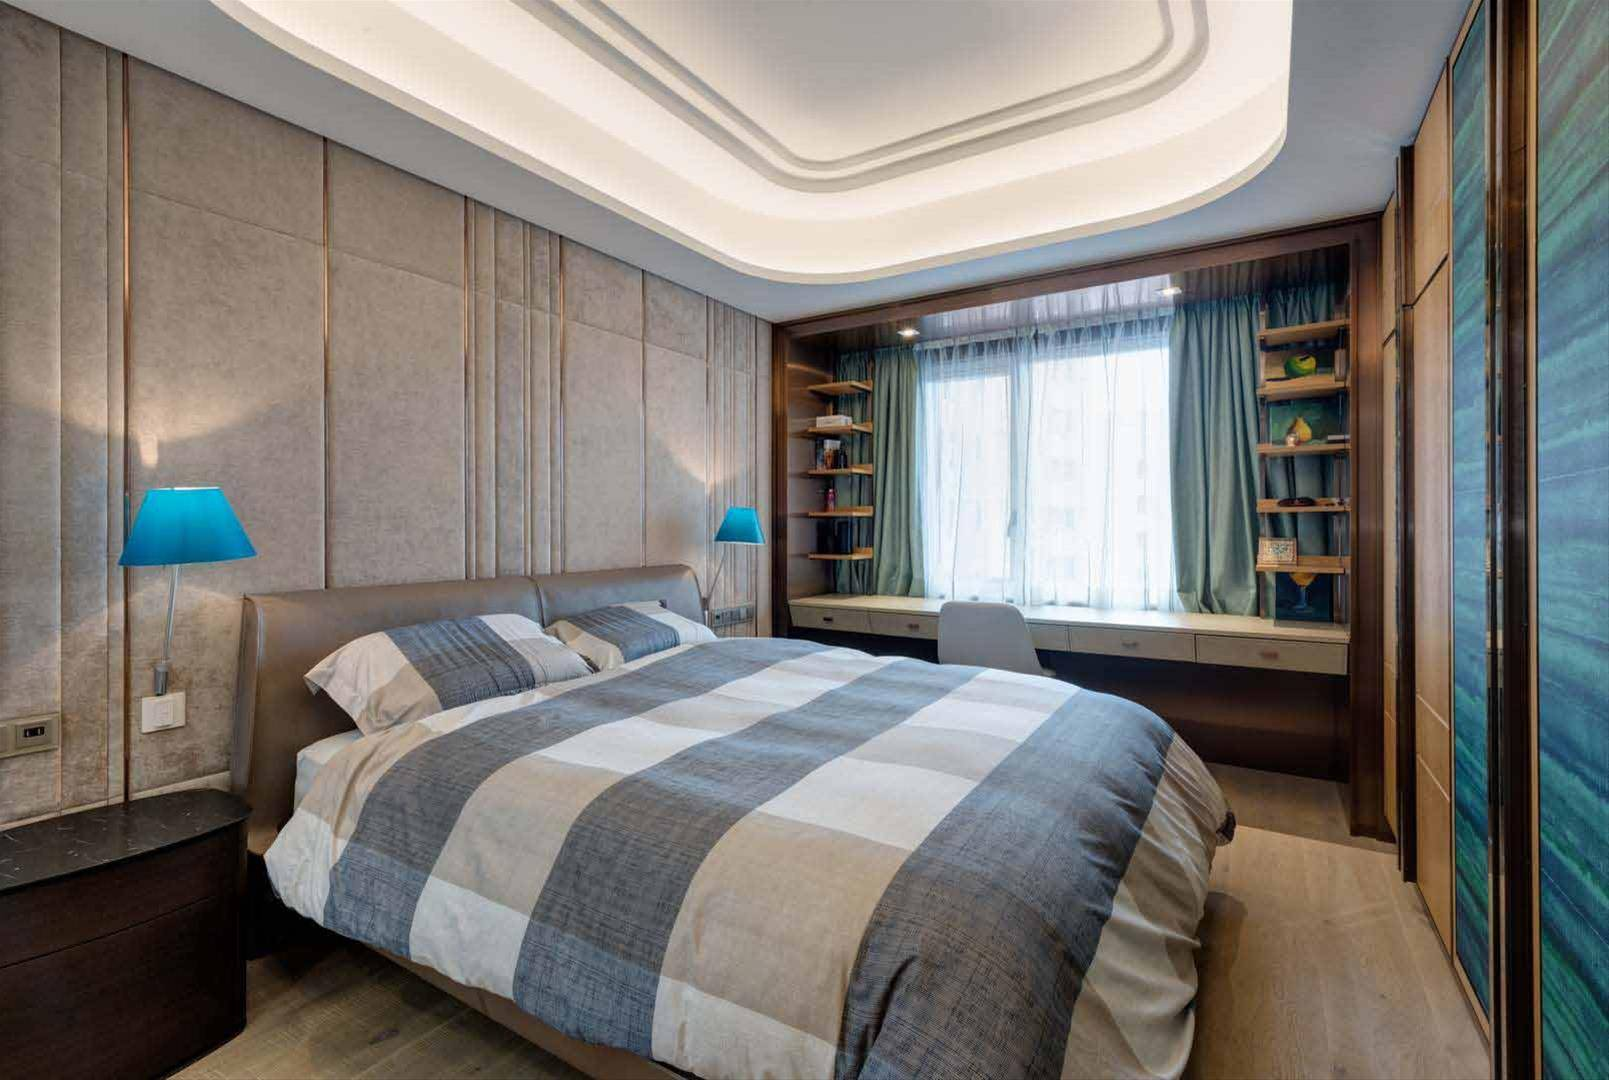 Cheap arredamento per una casa di lusso in cina with for App arredamento casa